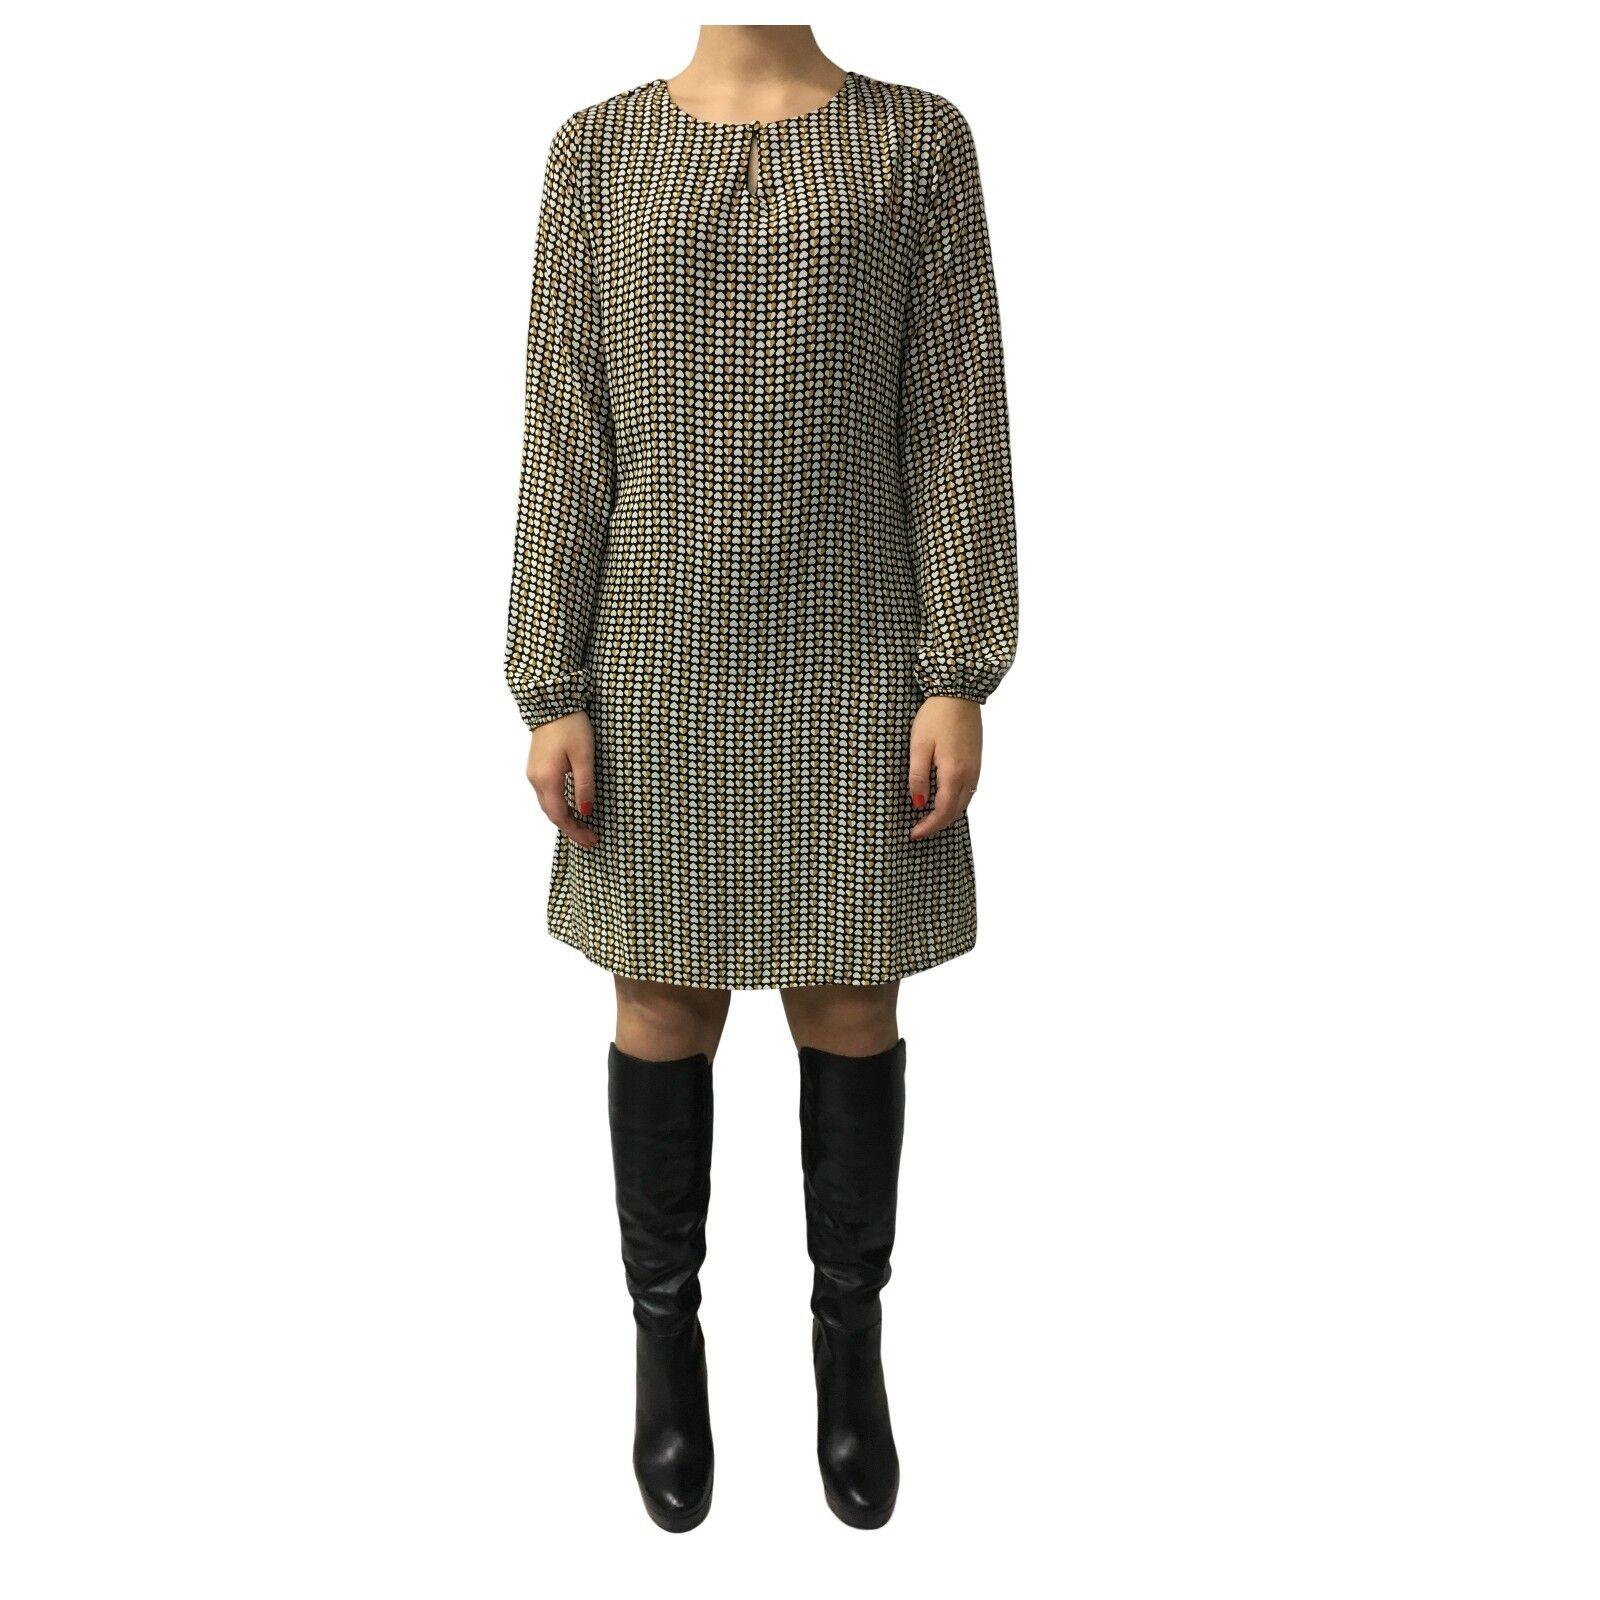 LA FEE MARABOUTEE Kleid Frau schwarz Creme gelb gelb gelb mod FB1305 MADE IN ITALY | Lass unsere Waren in die Welt gehen  | Discount  6e5eab